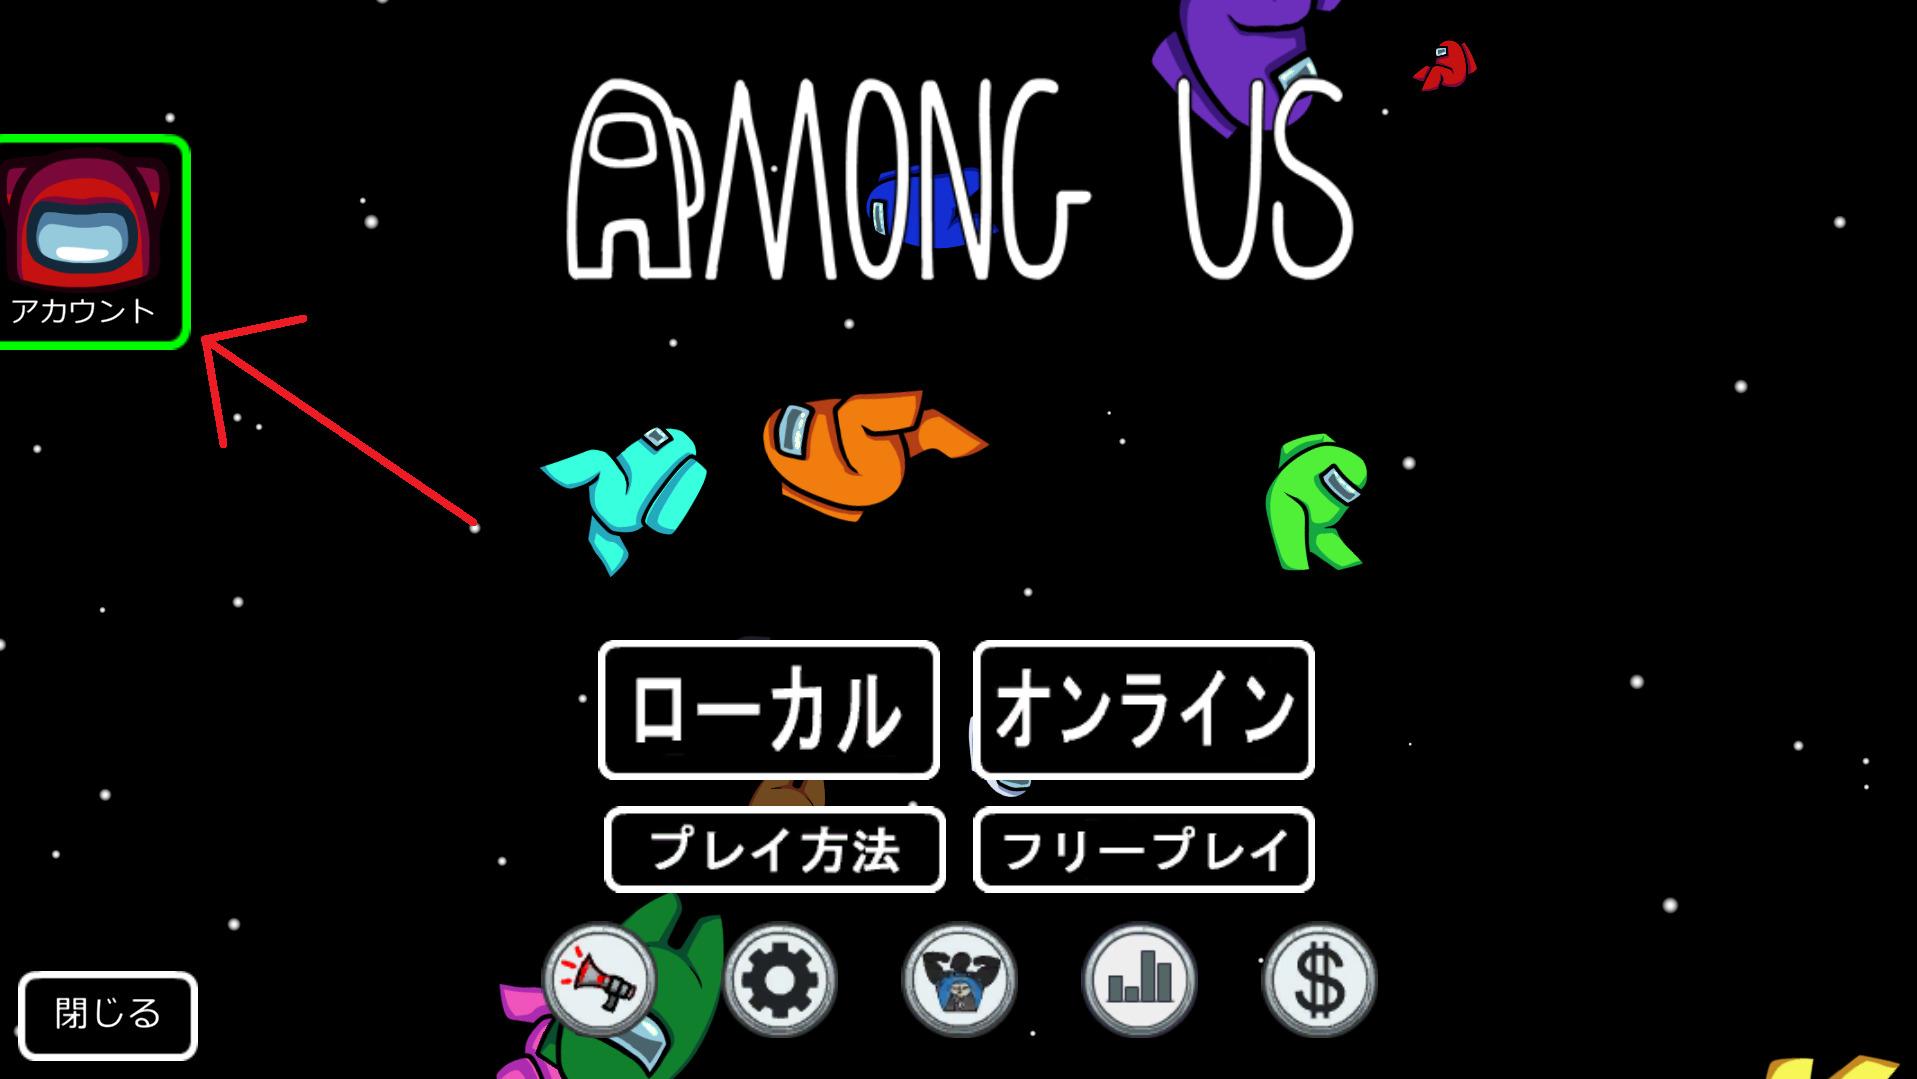 【Among Us】部屋(ロビー)の名前を変える方法【アモングアス】